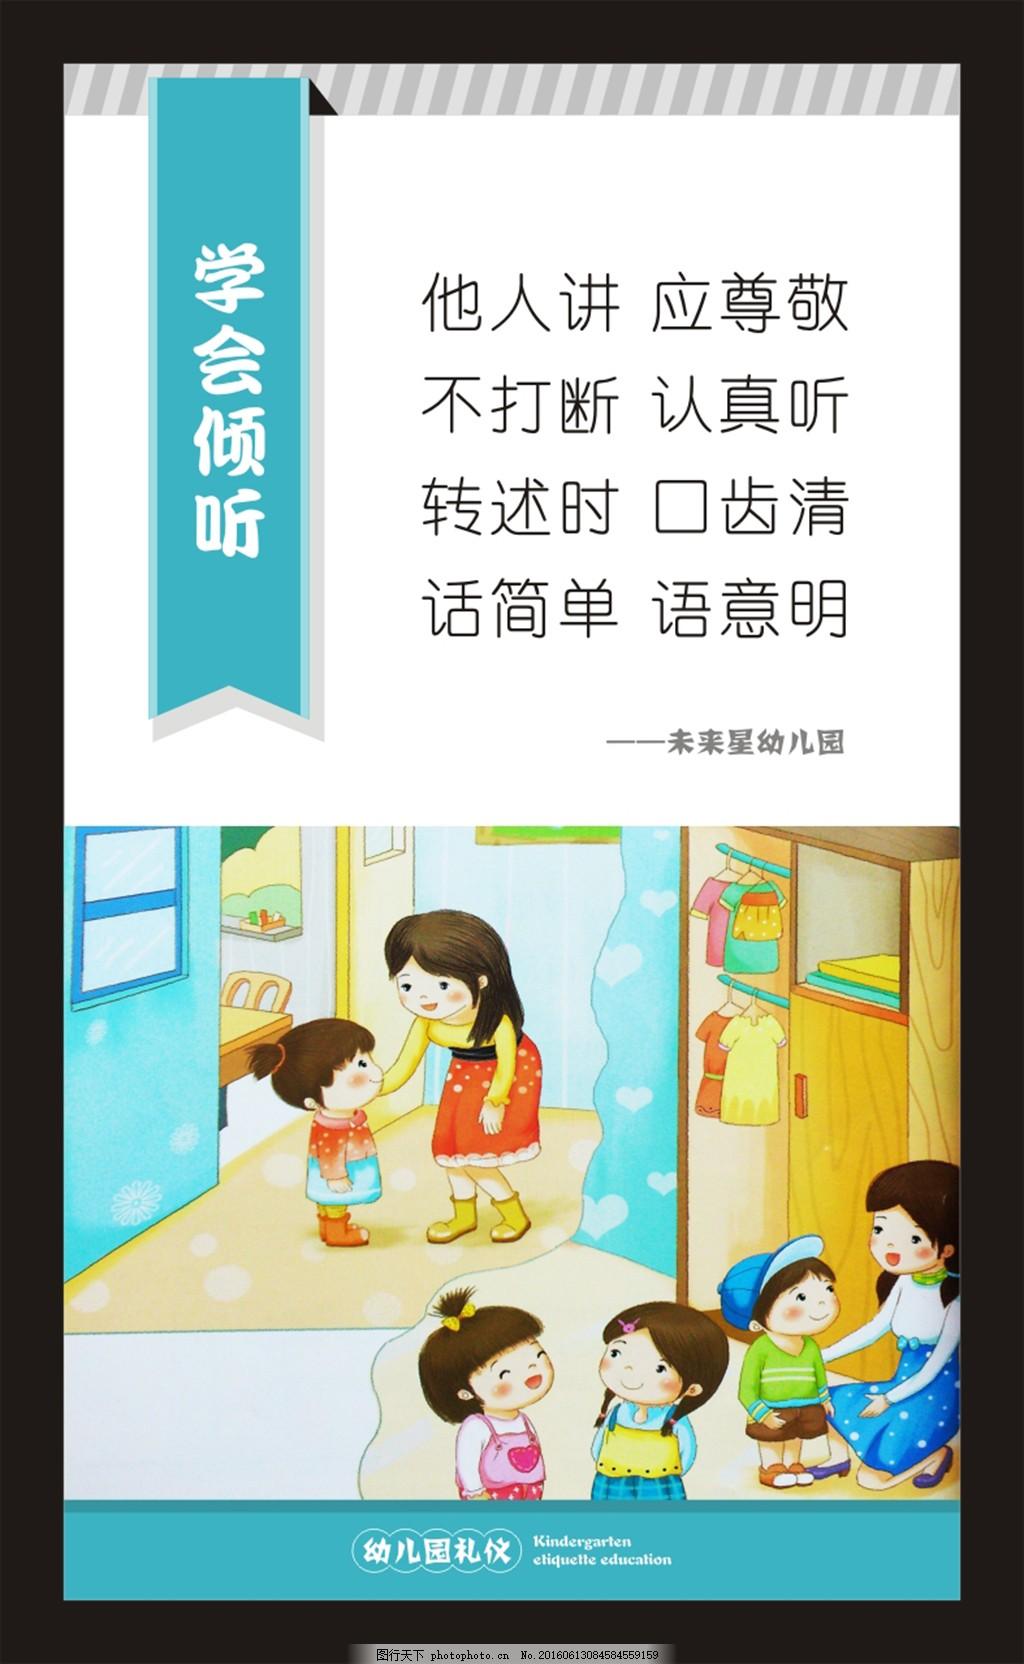 礼仪三字经 礼仪 礼仪教育 幼儿园展板 礼仪展板 幼儿园文化 育儿经